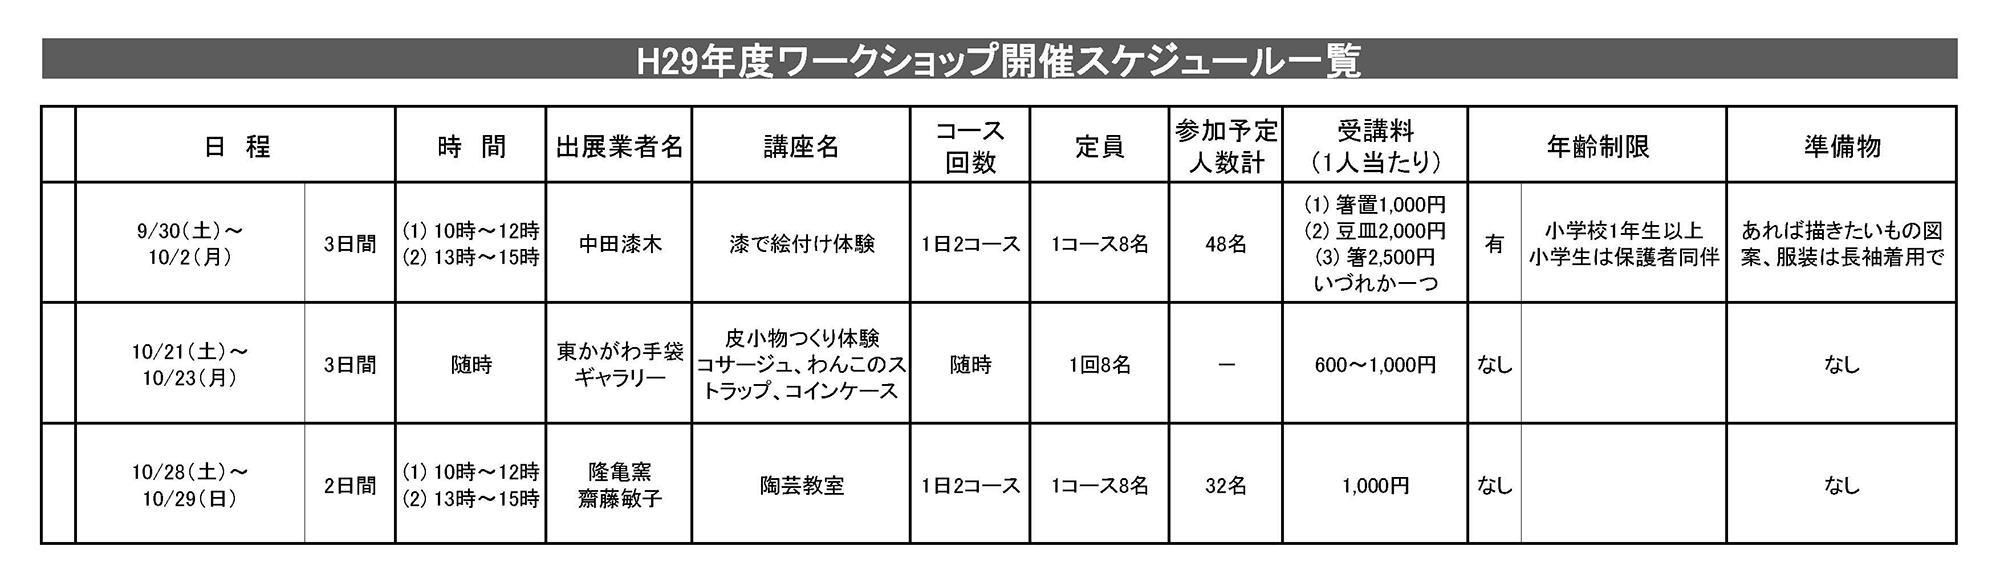 http://www.ritsurinan.jp/news/75d02782645ed476e732a744433d1dfa21de78d5.jpg